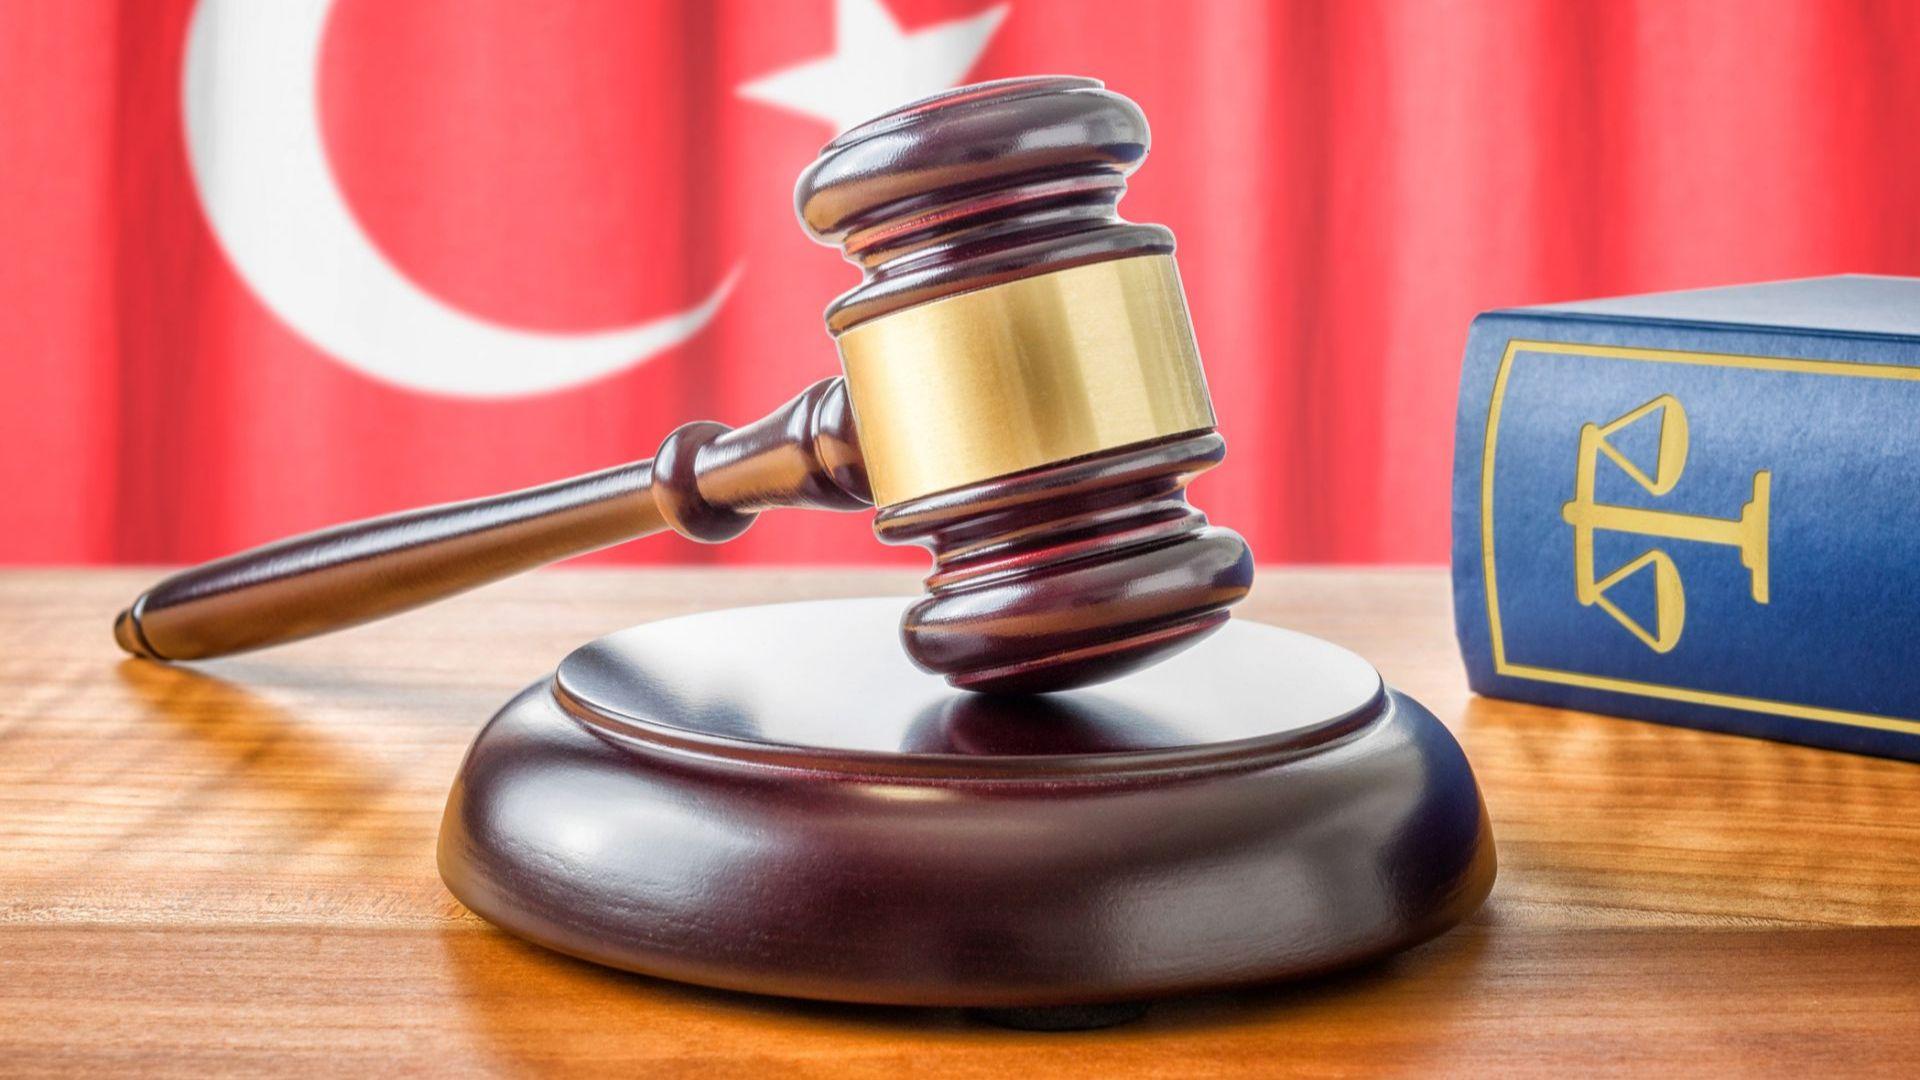 Турски съд нареди освобождаване от затвора на адвокат, обвинен в шпионаж